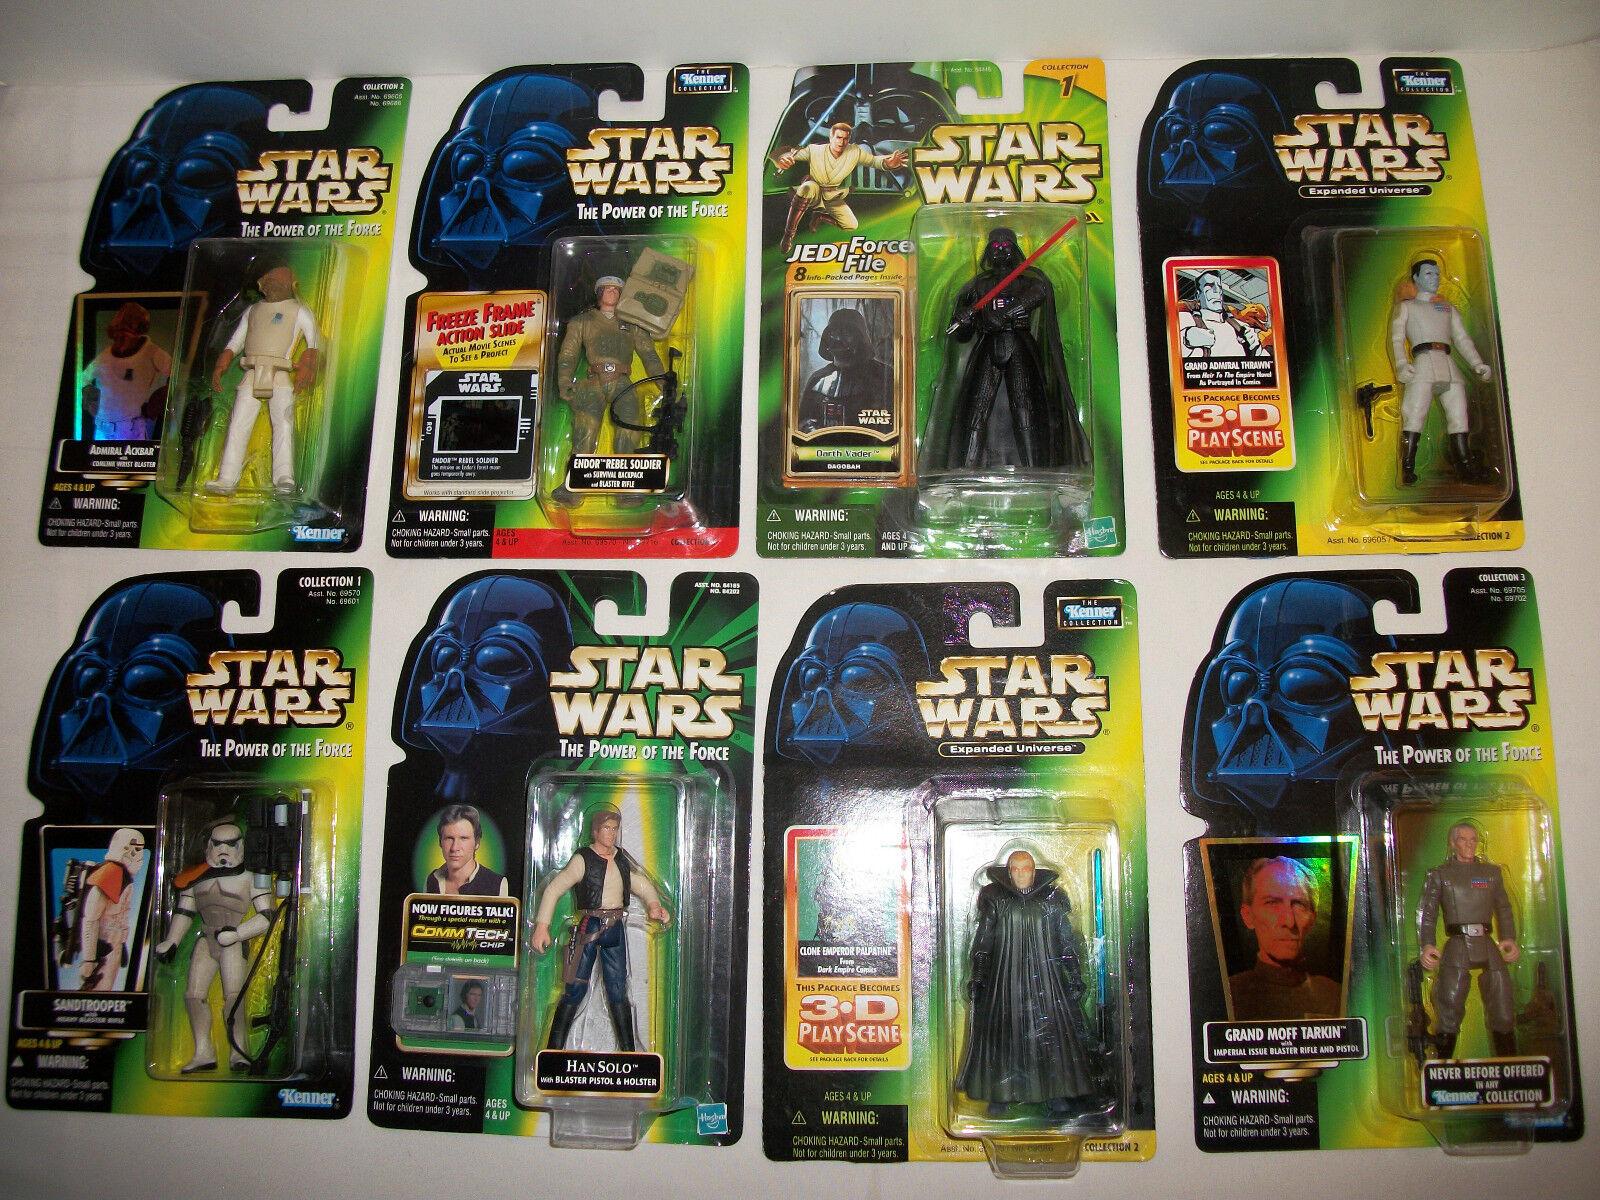 Star - wars - abbildung neue original trilogie potf gemischte menge versiegelt x8 geschenk spielzeug   2